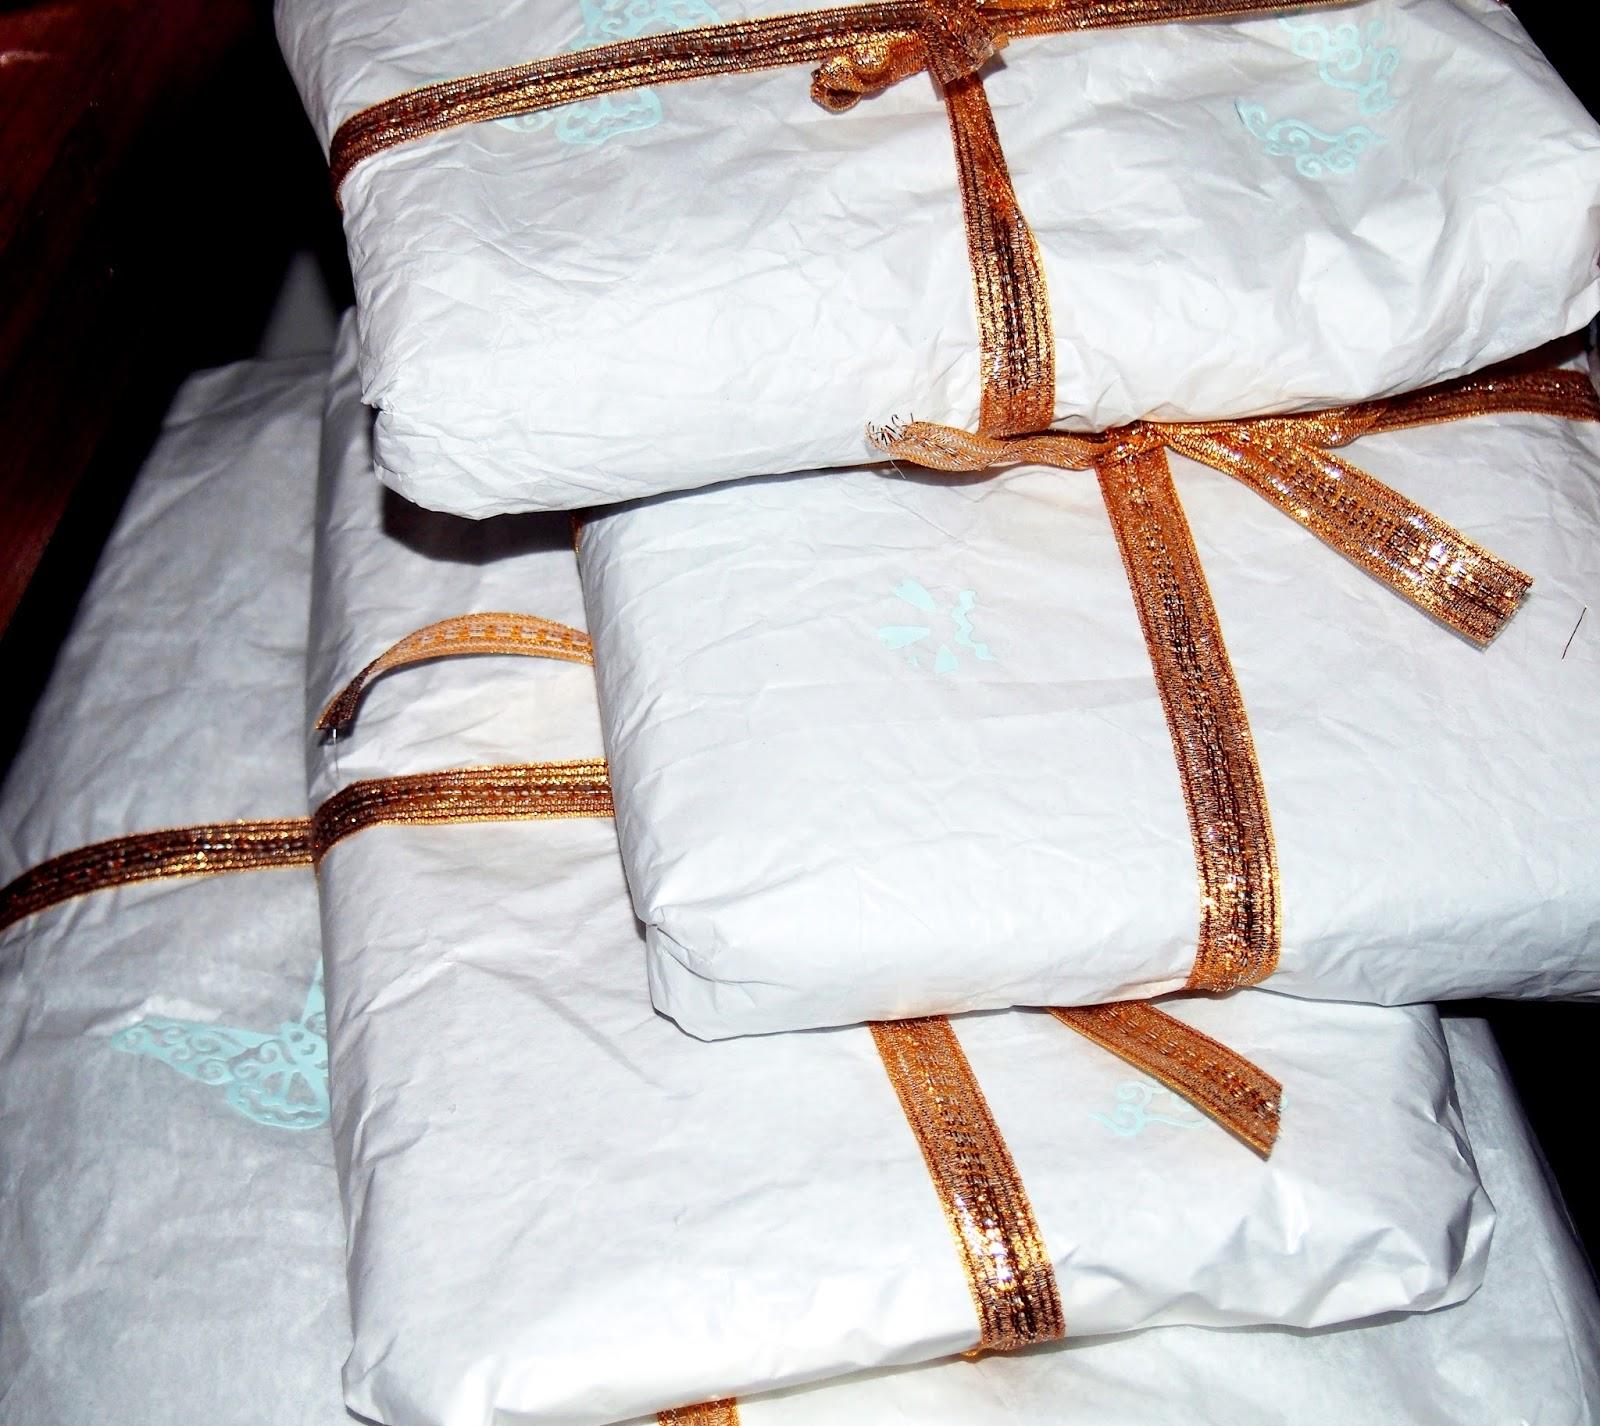 Joululahjat on paketoitu valkoiseen ja kultaan.